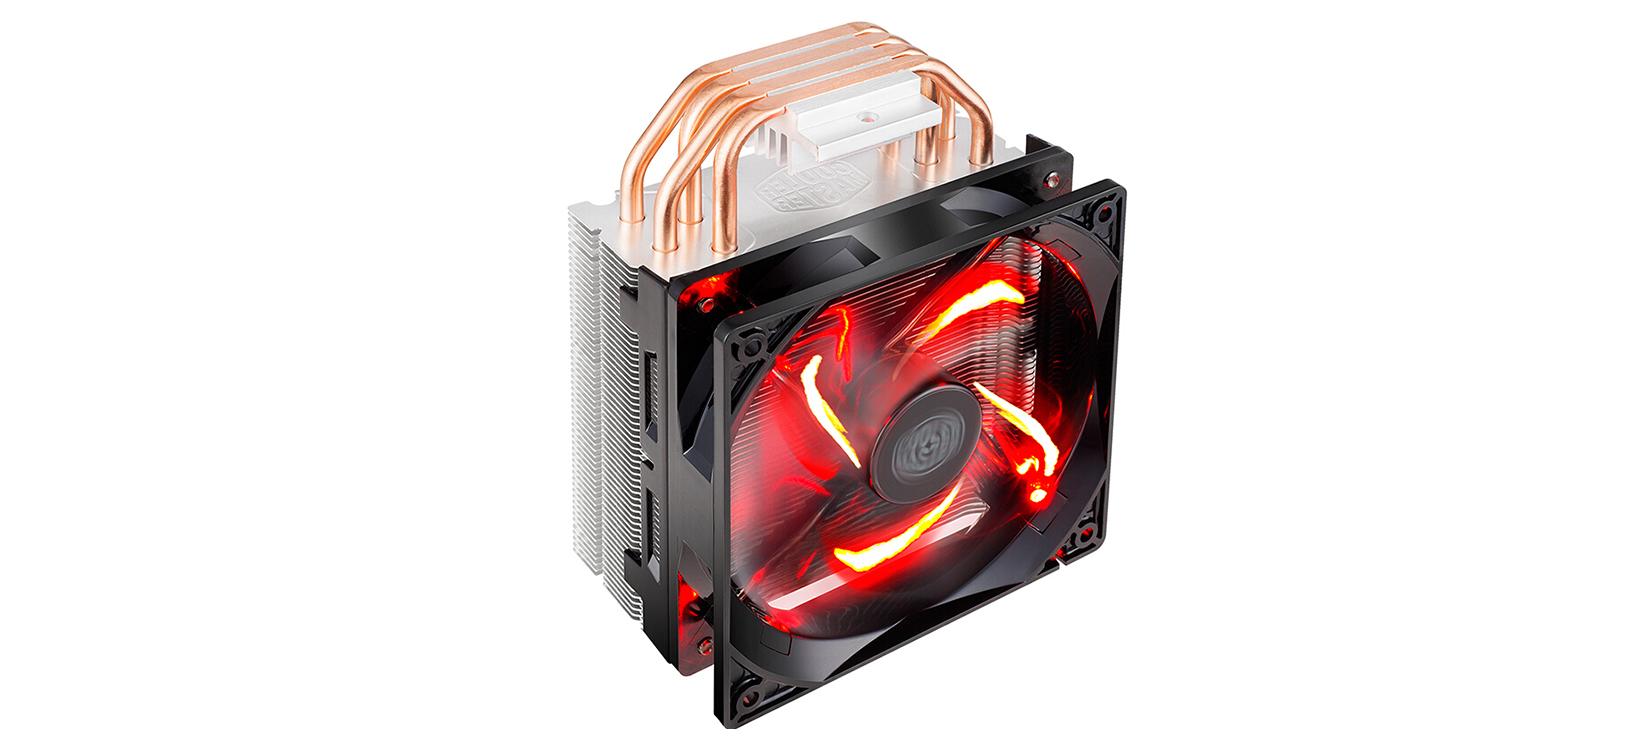 Tản nhiệt CPU Cooler Master T400i Red được gia công rất tốt, tản dày dặn, chắc chắn, sáng bóng